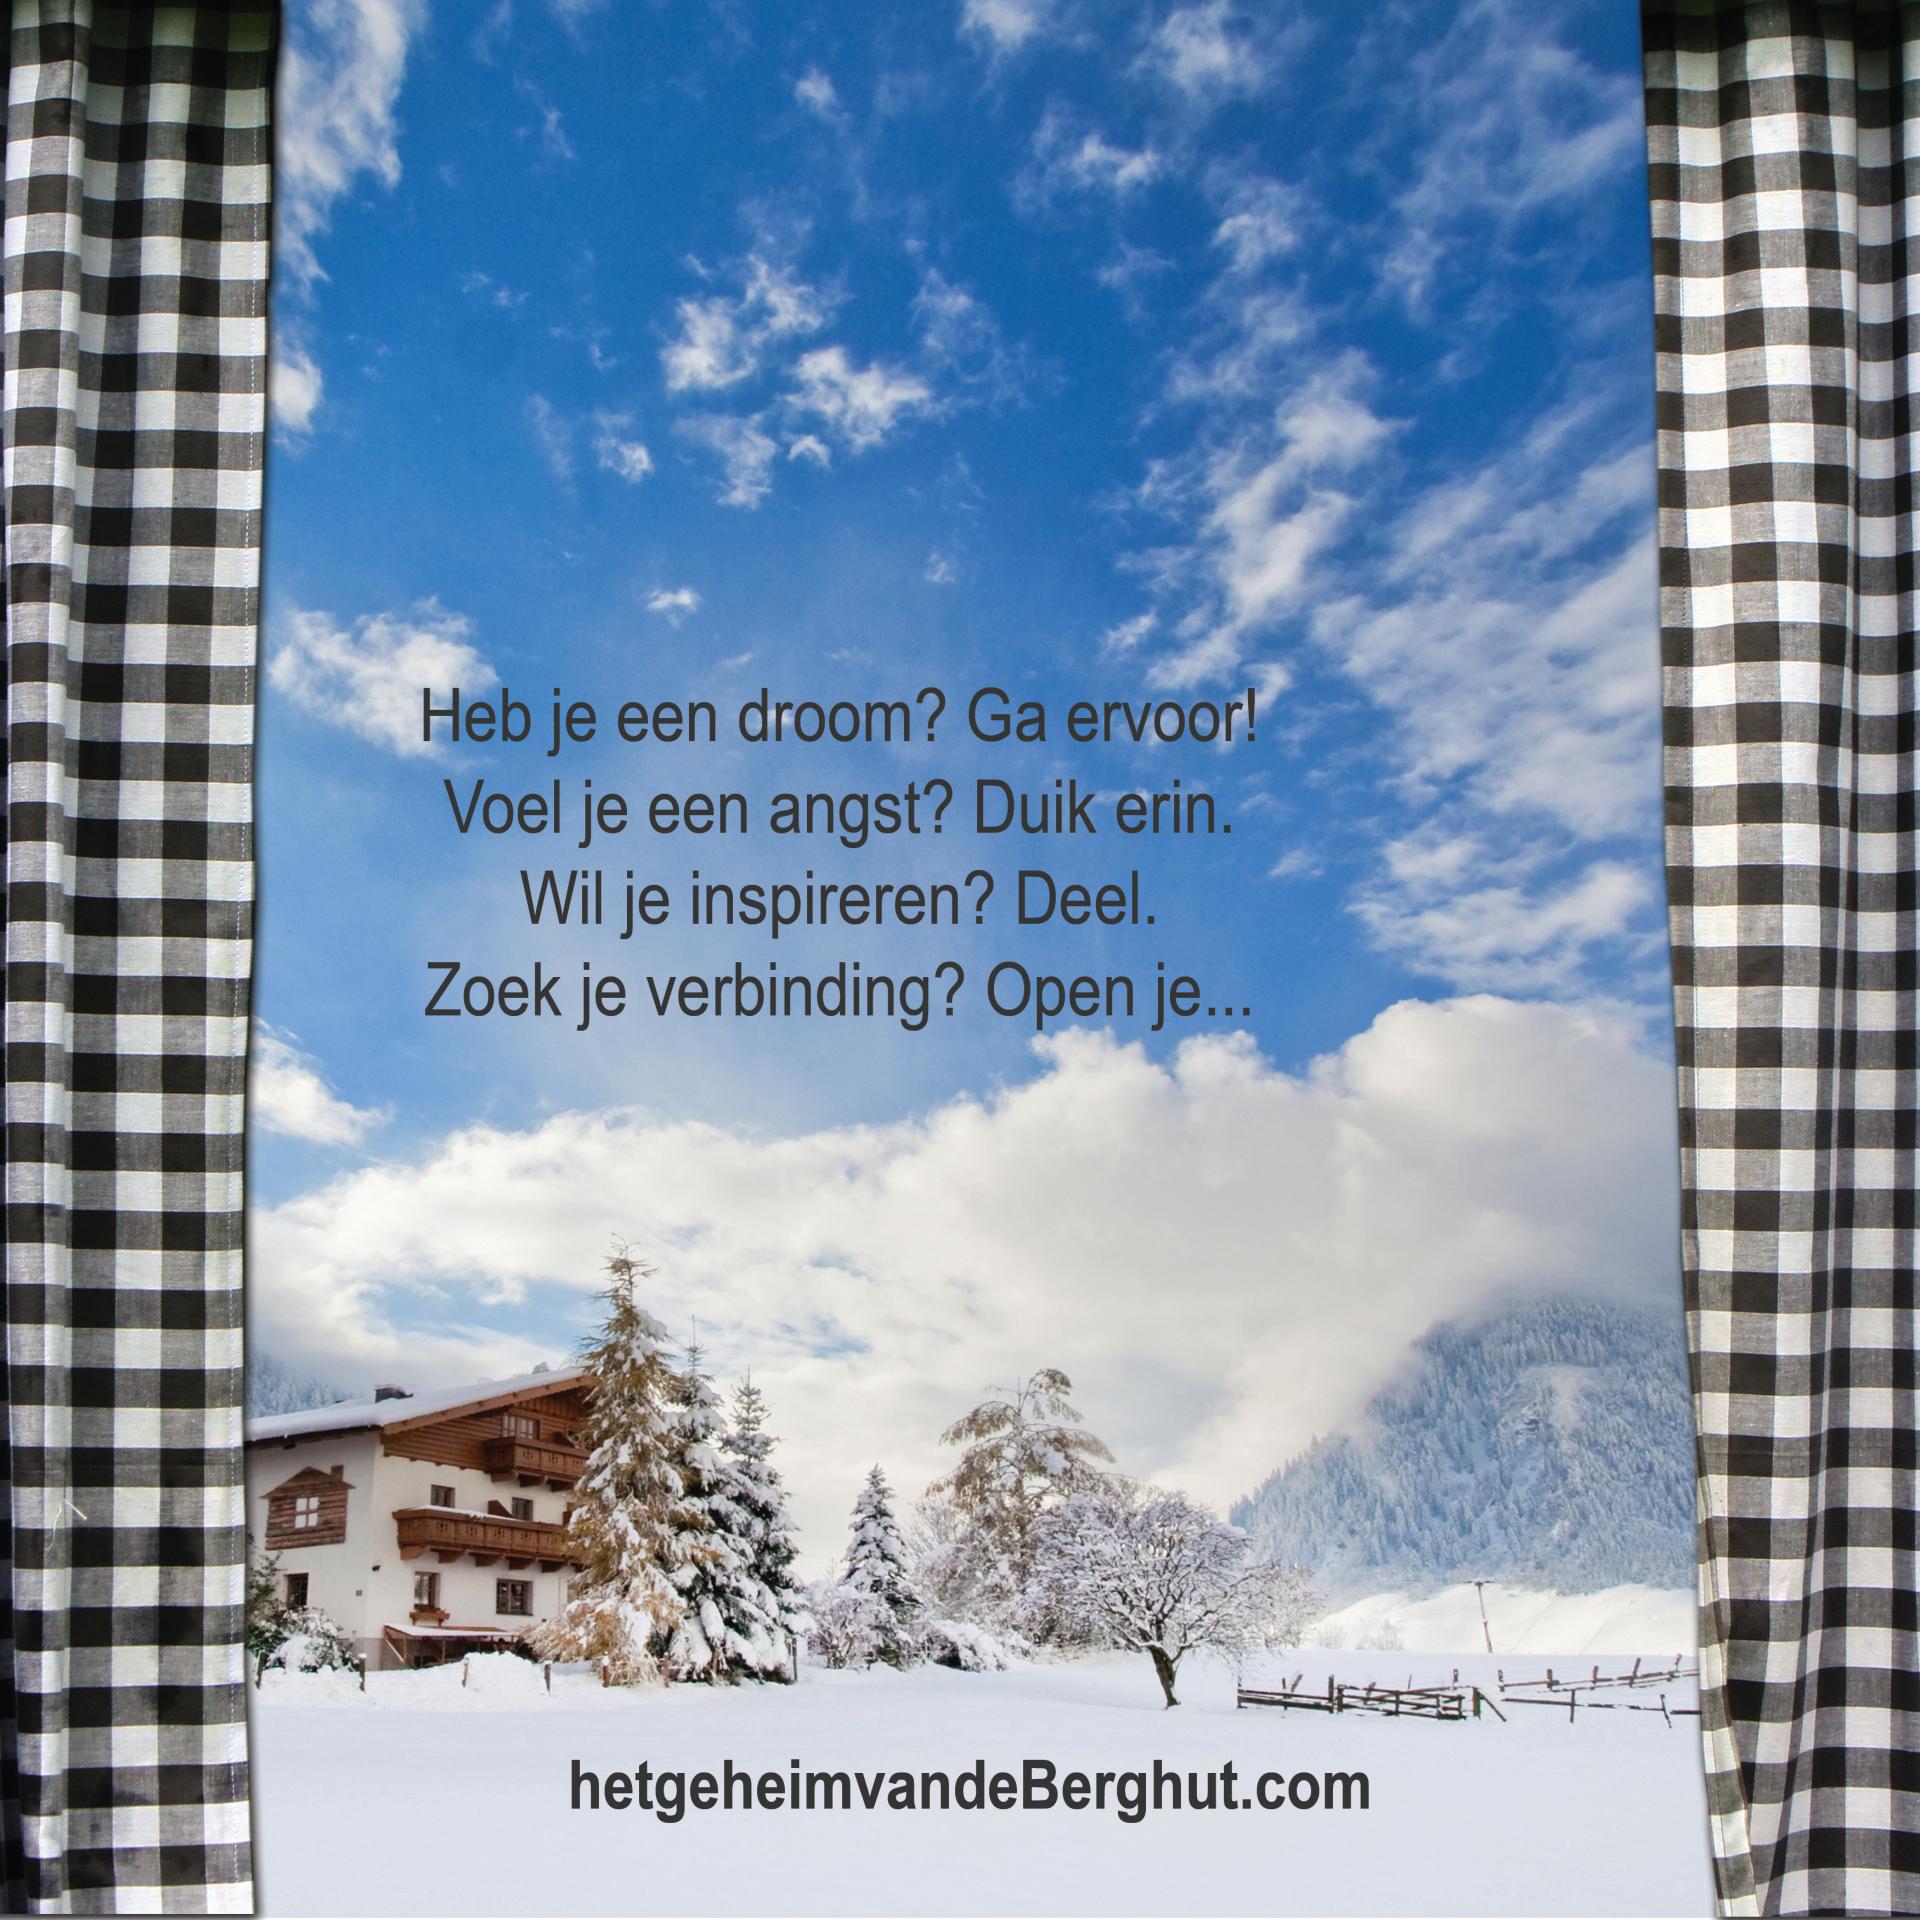 het geheim van de Berghut droomplekgeluk boek B&B starten camping hotel vakantiewoningen ondernemingsplan stappenplan